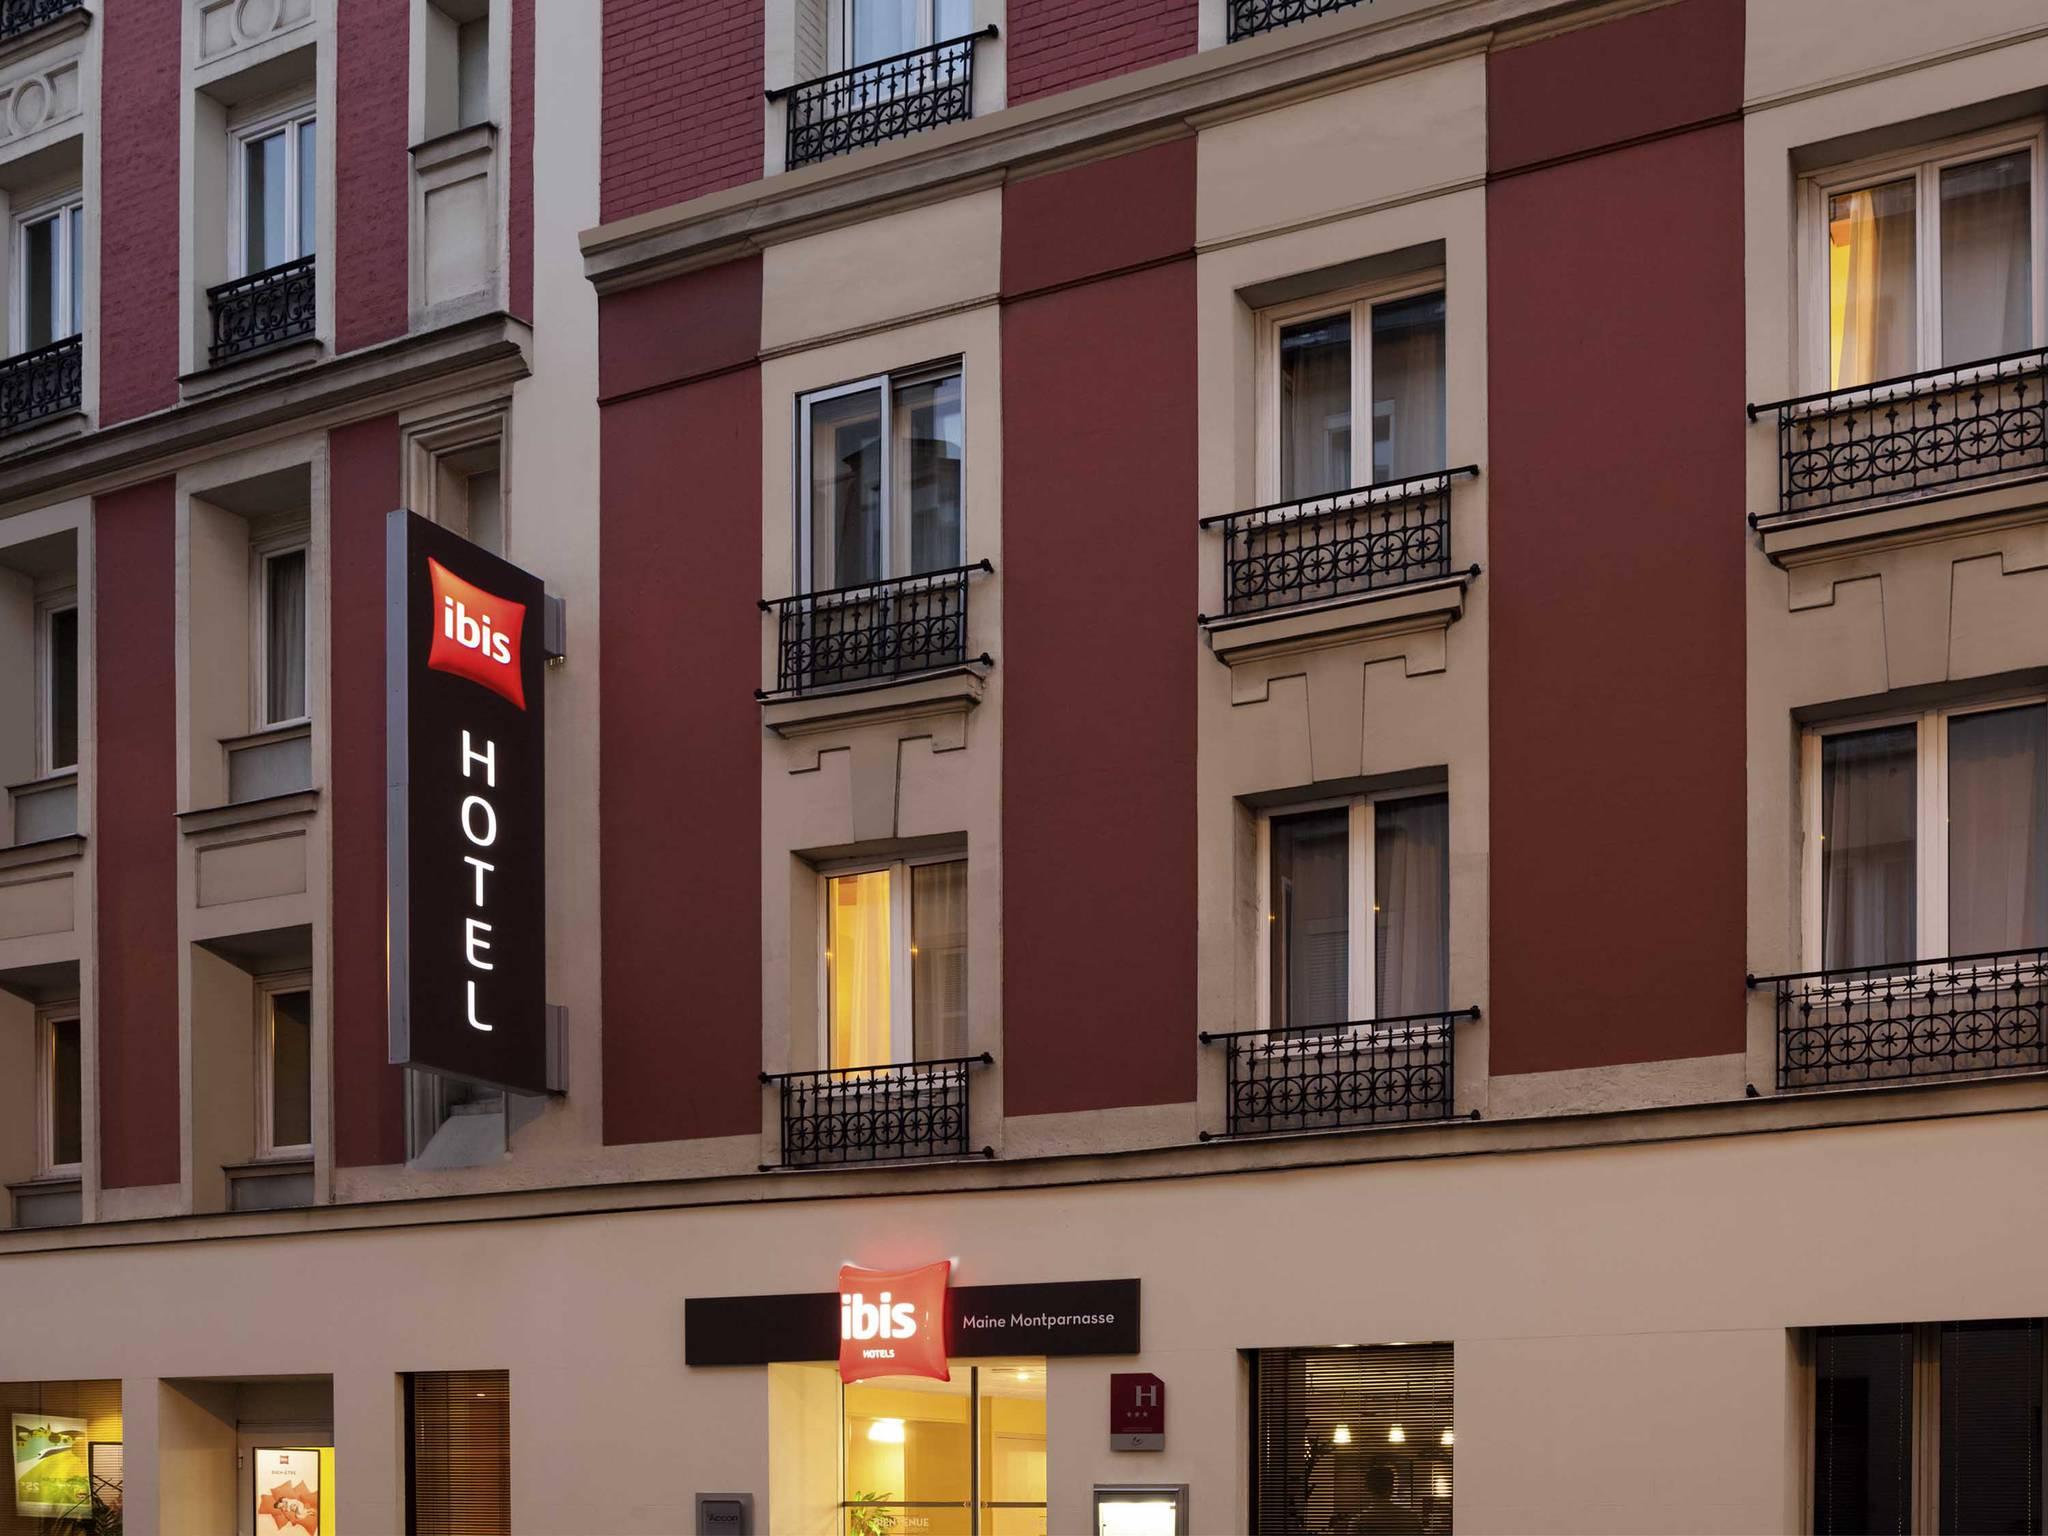 Hotel – ibis Parigi Maine Montparnasse 14ème